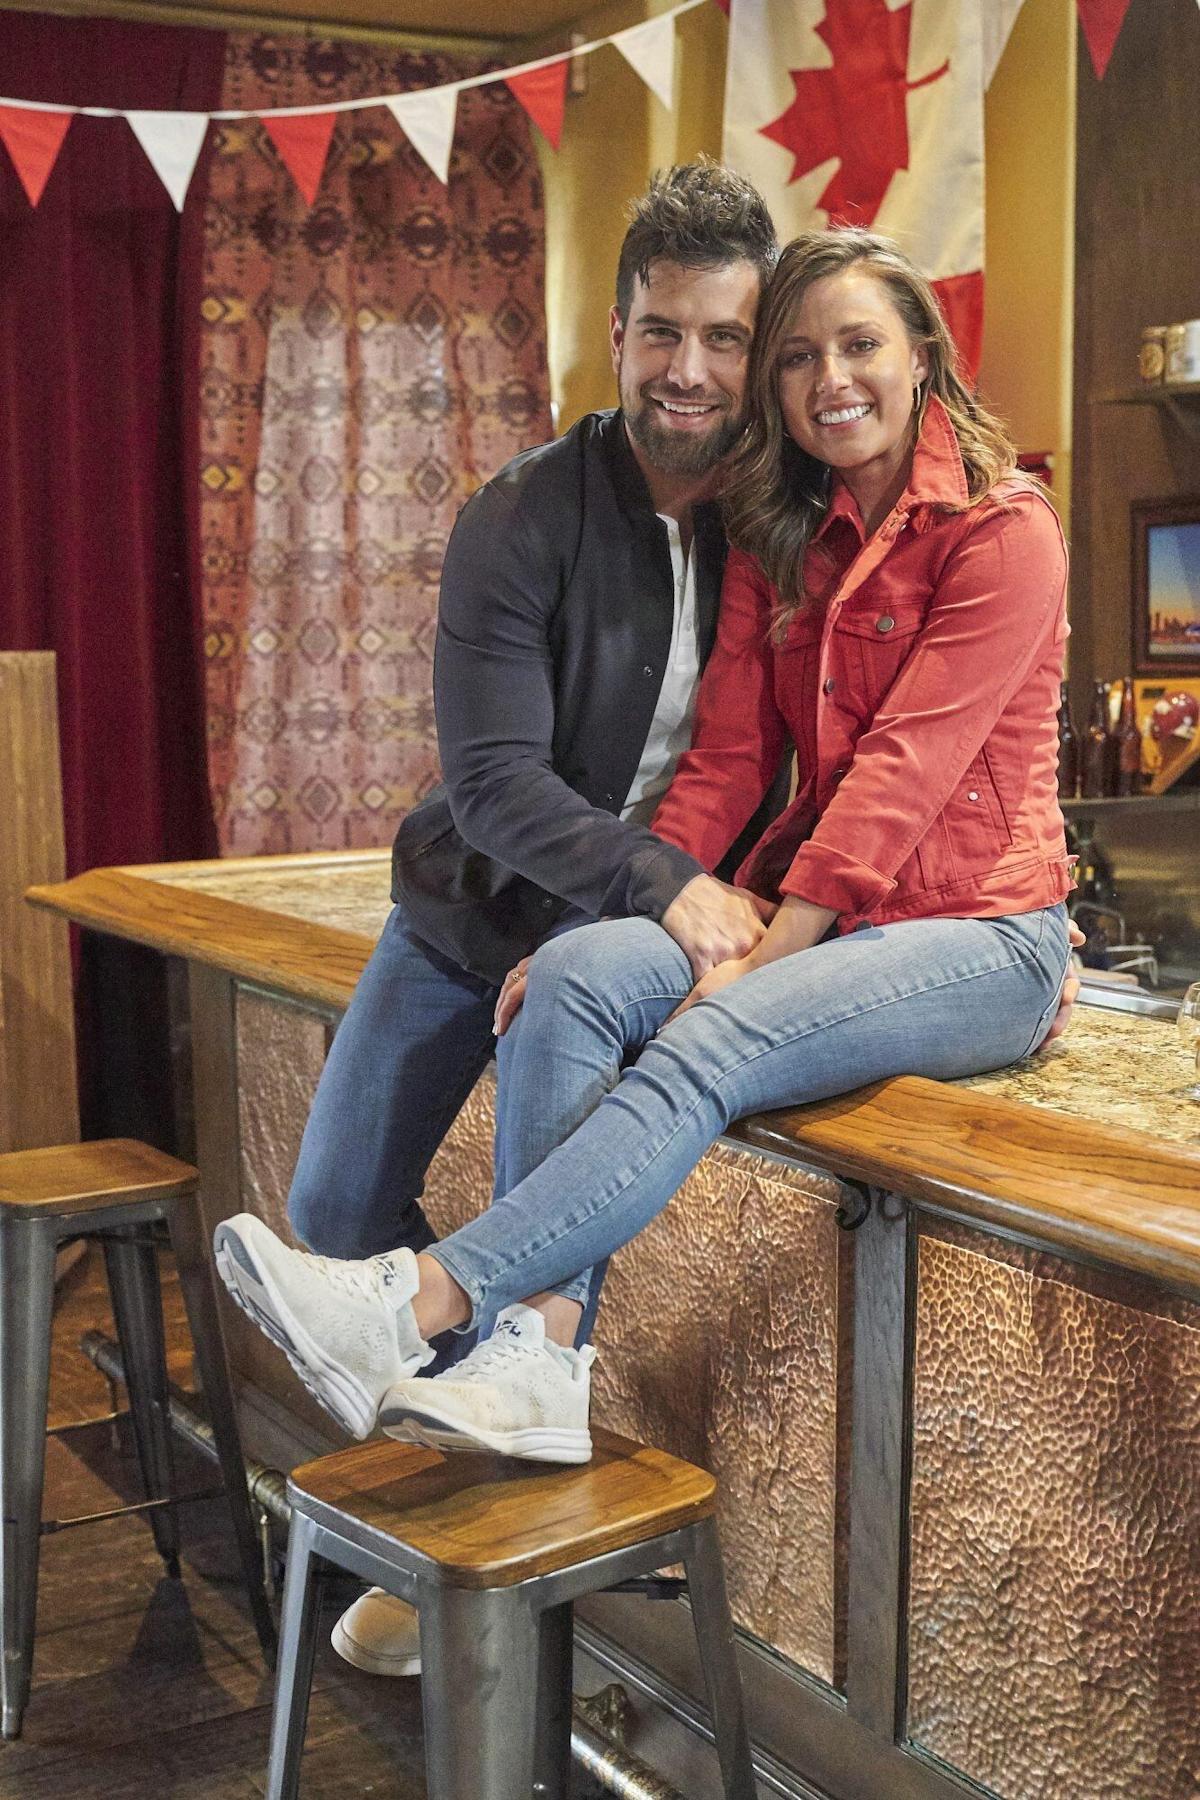 Améliorez votre vie de couple avec l'aide de quelques conseils